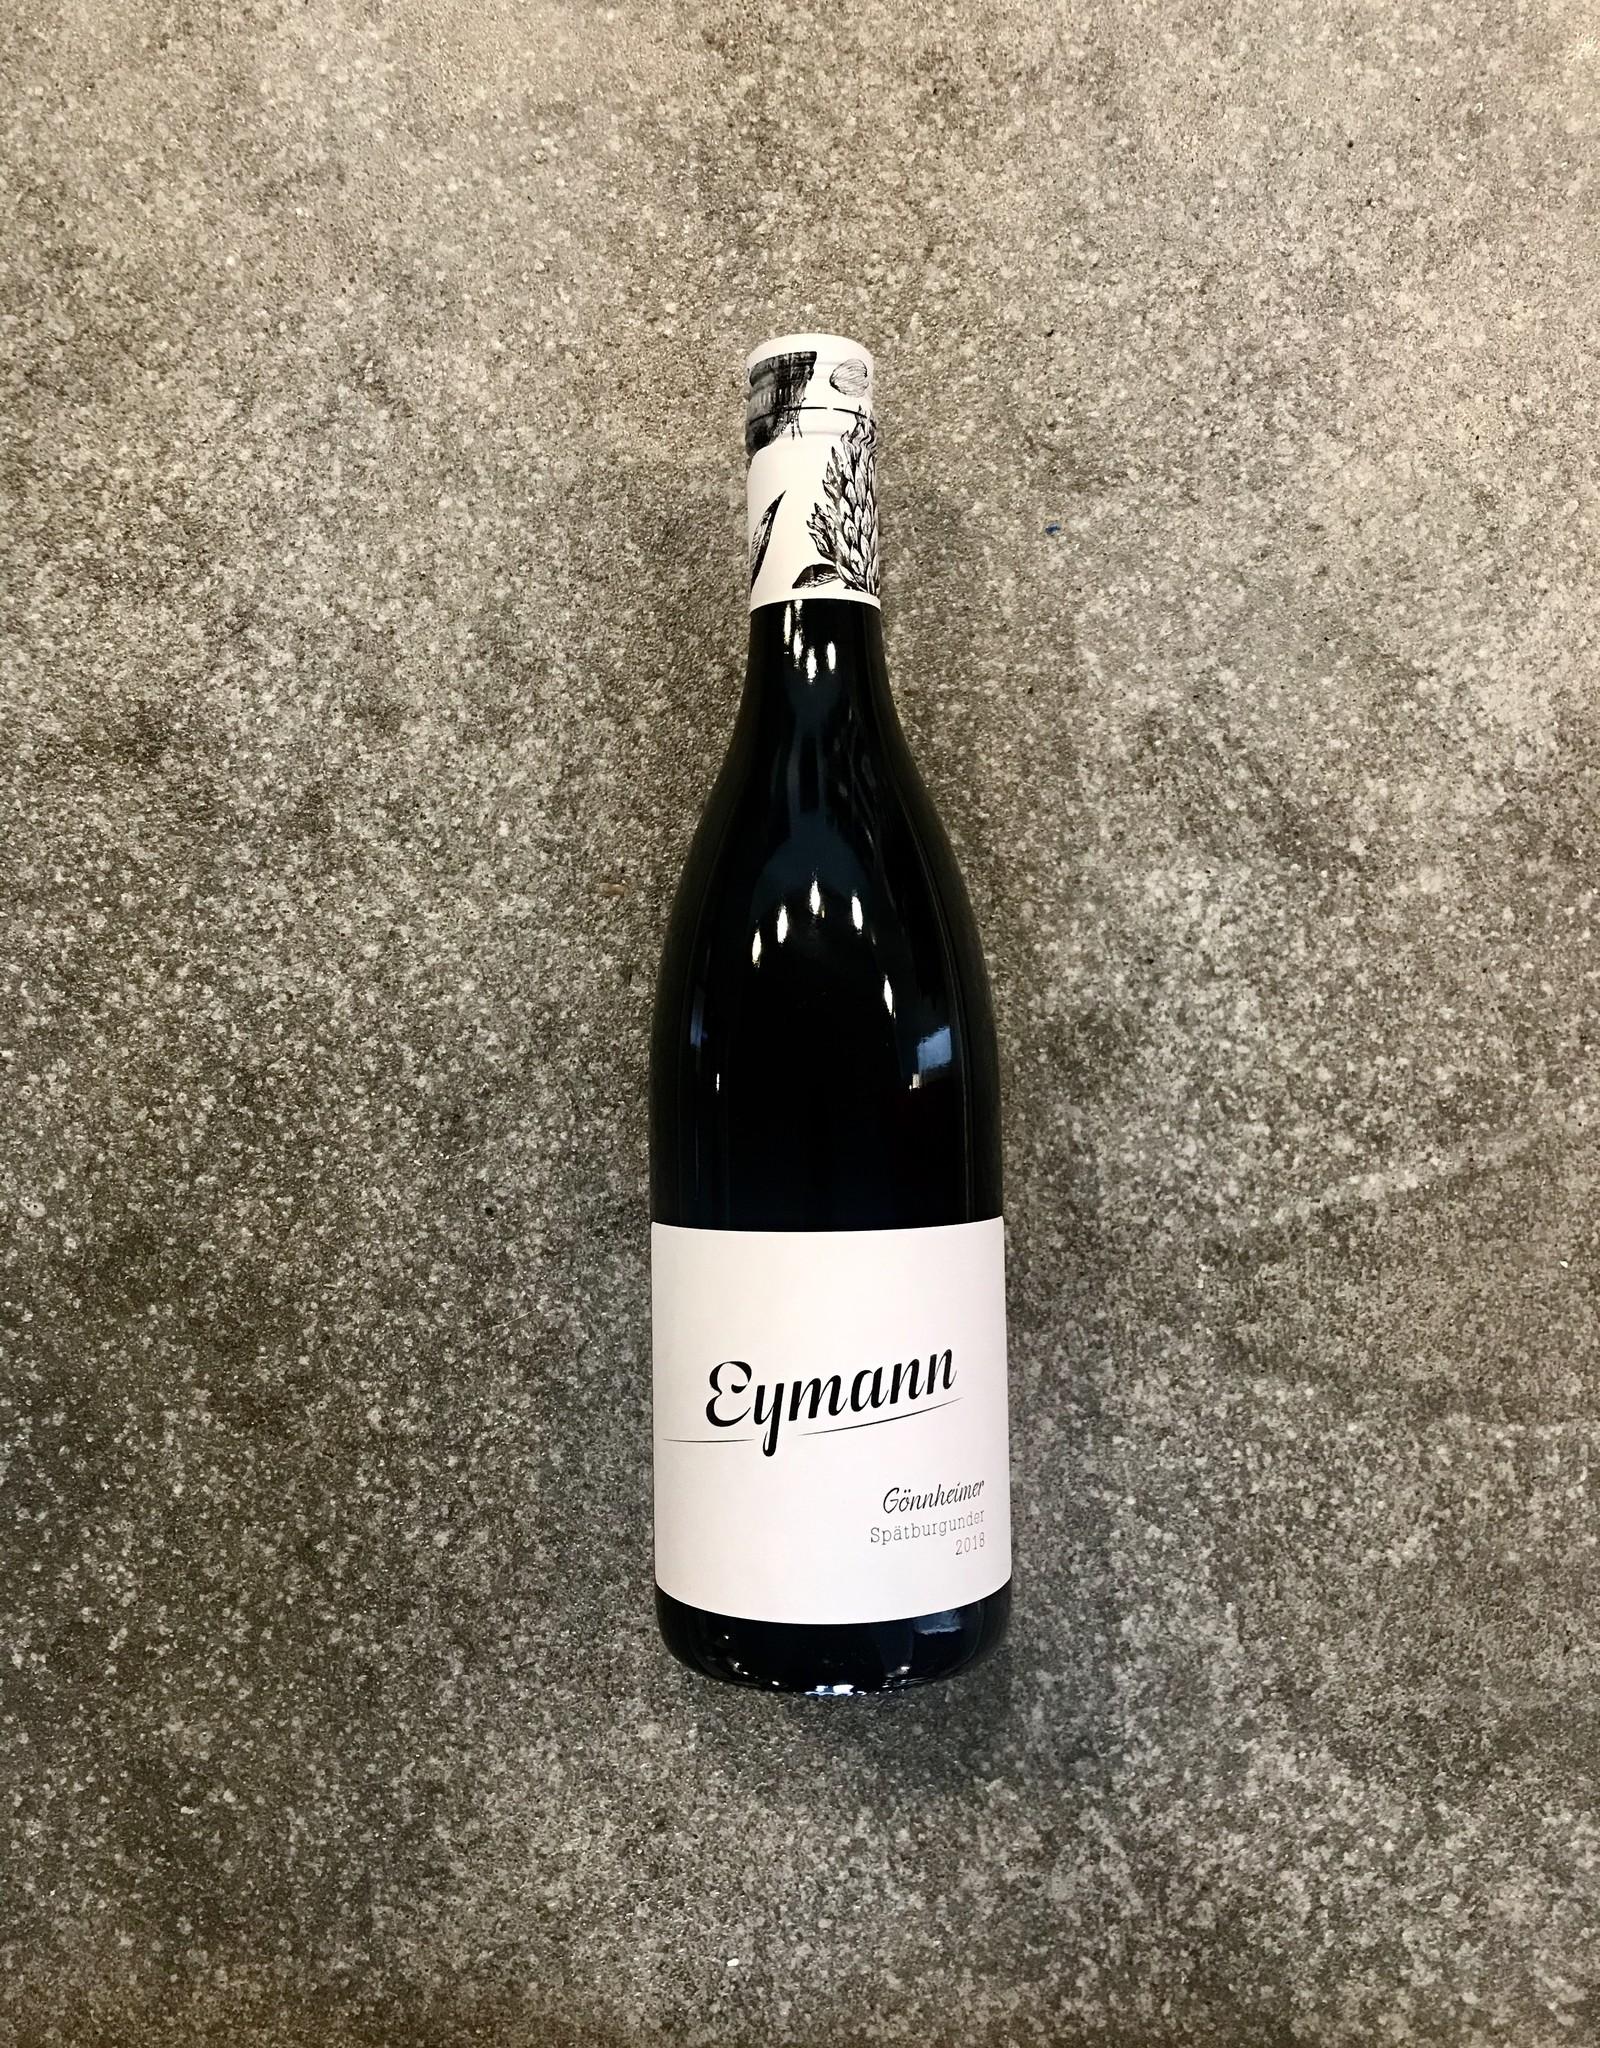 Eymann Gönnheimer Spätburgunder 2019